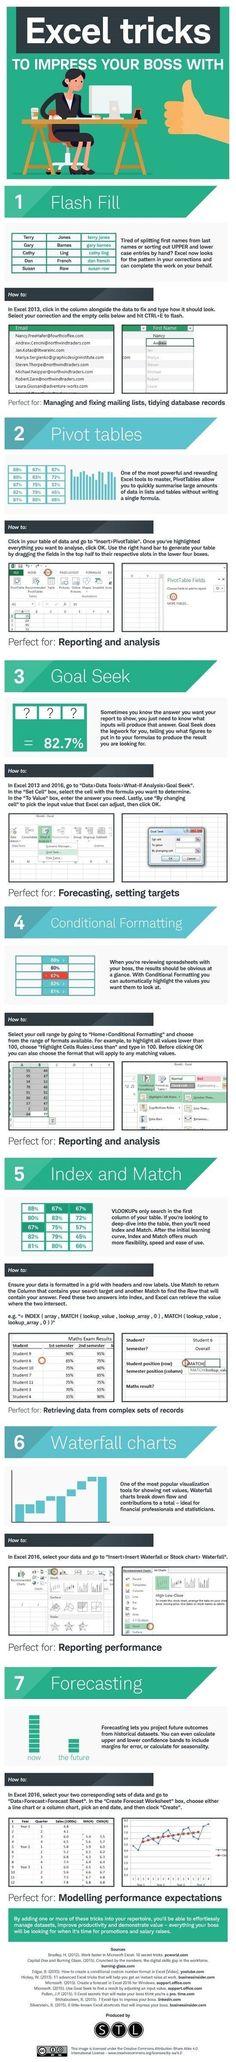 Excel Tricks {Hilfe im Studium Damit dein Studium ein Erfolg wird Mit der richtigen Technik studieren Studienerfolg ist planbar Mit Leichtigkeit studieren Prüfungen bestehen} mit ZENTRAL-lernen. {Kostenloser Lerntypen-Test!   e-learning LernCoaching Lerntraining}